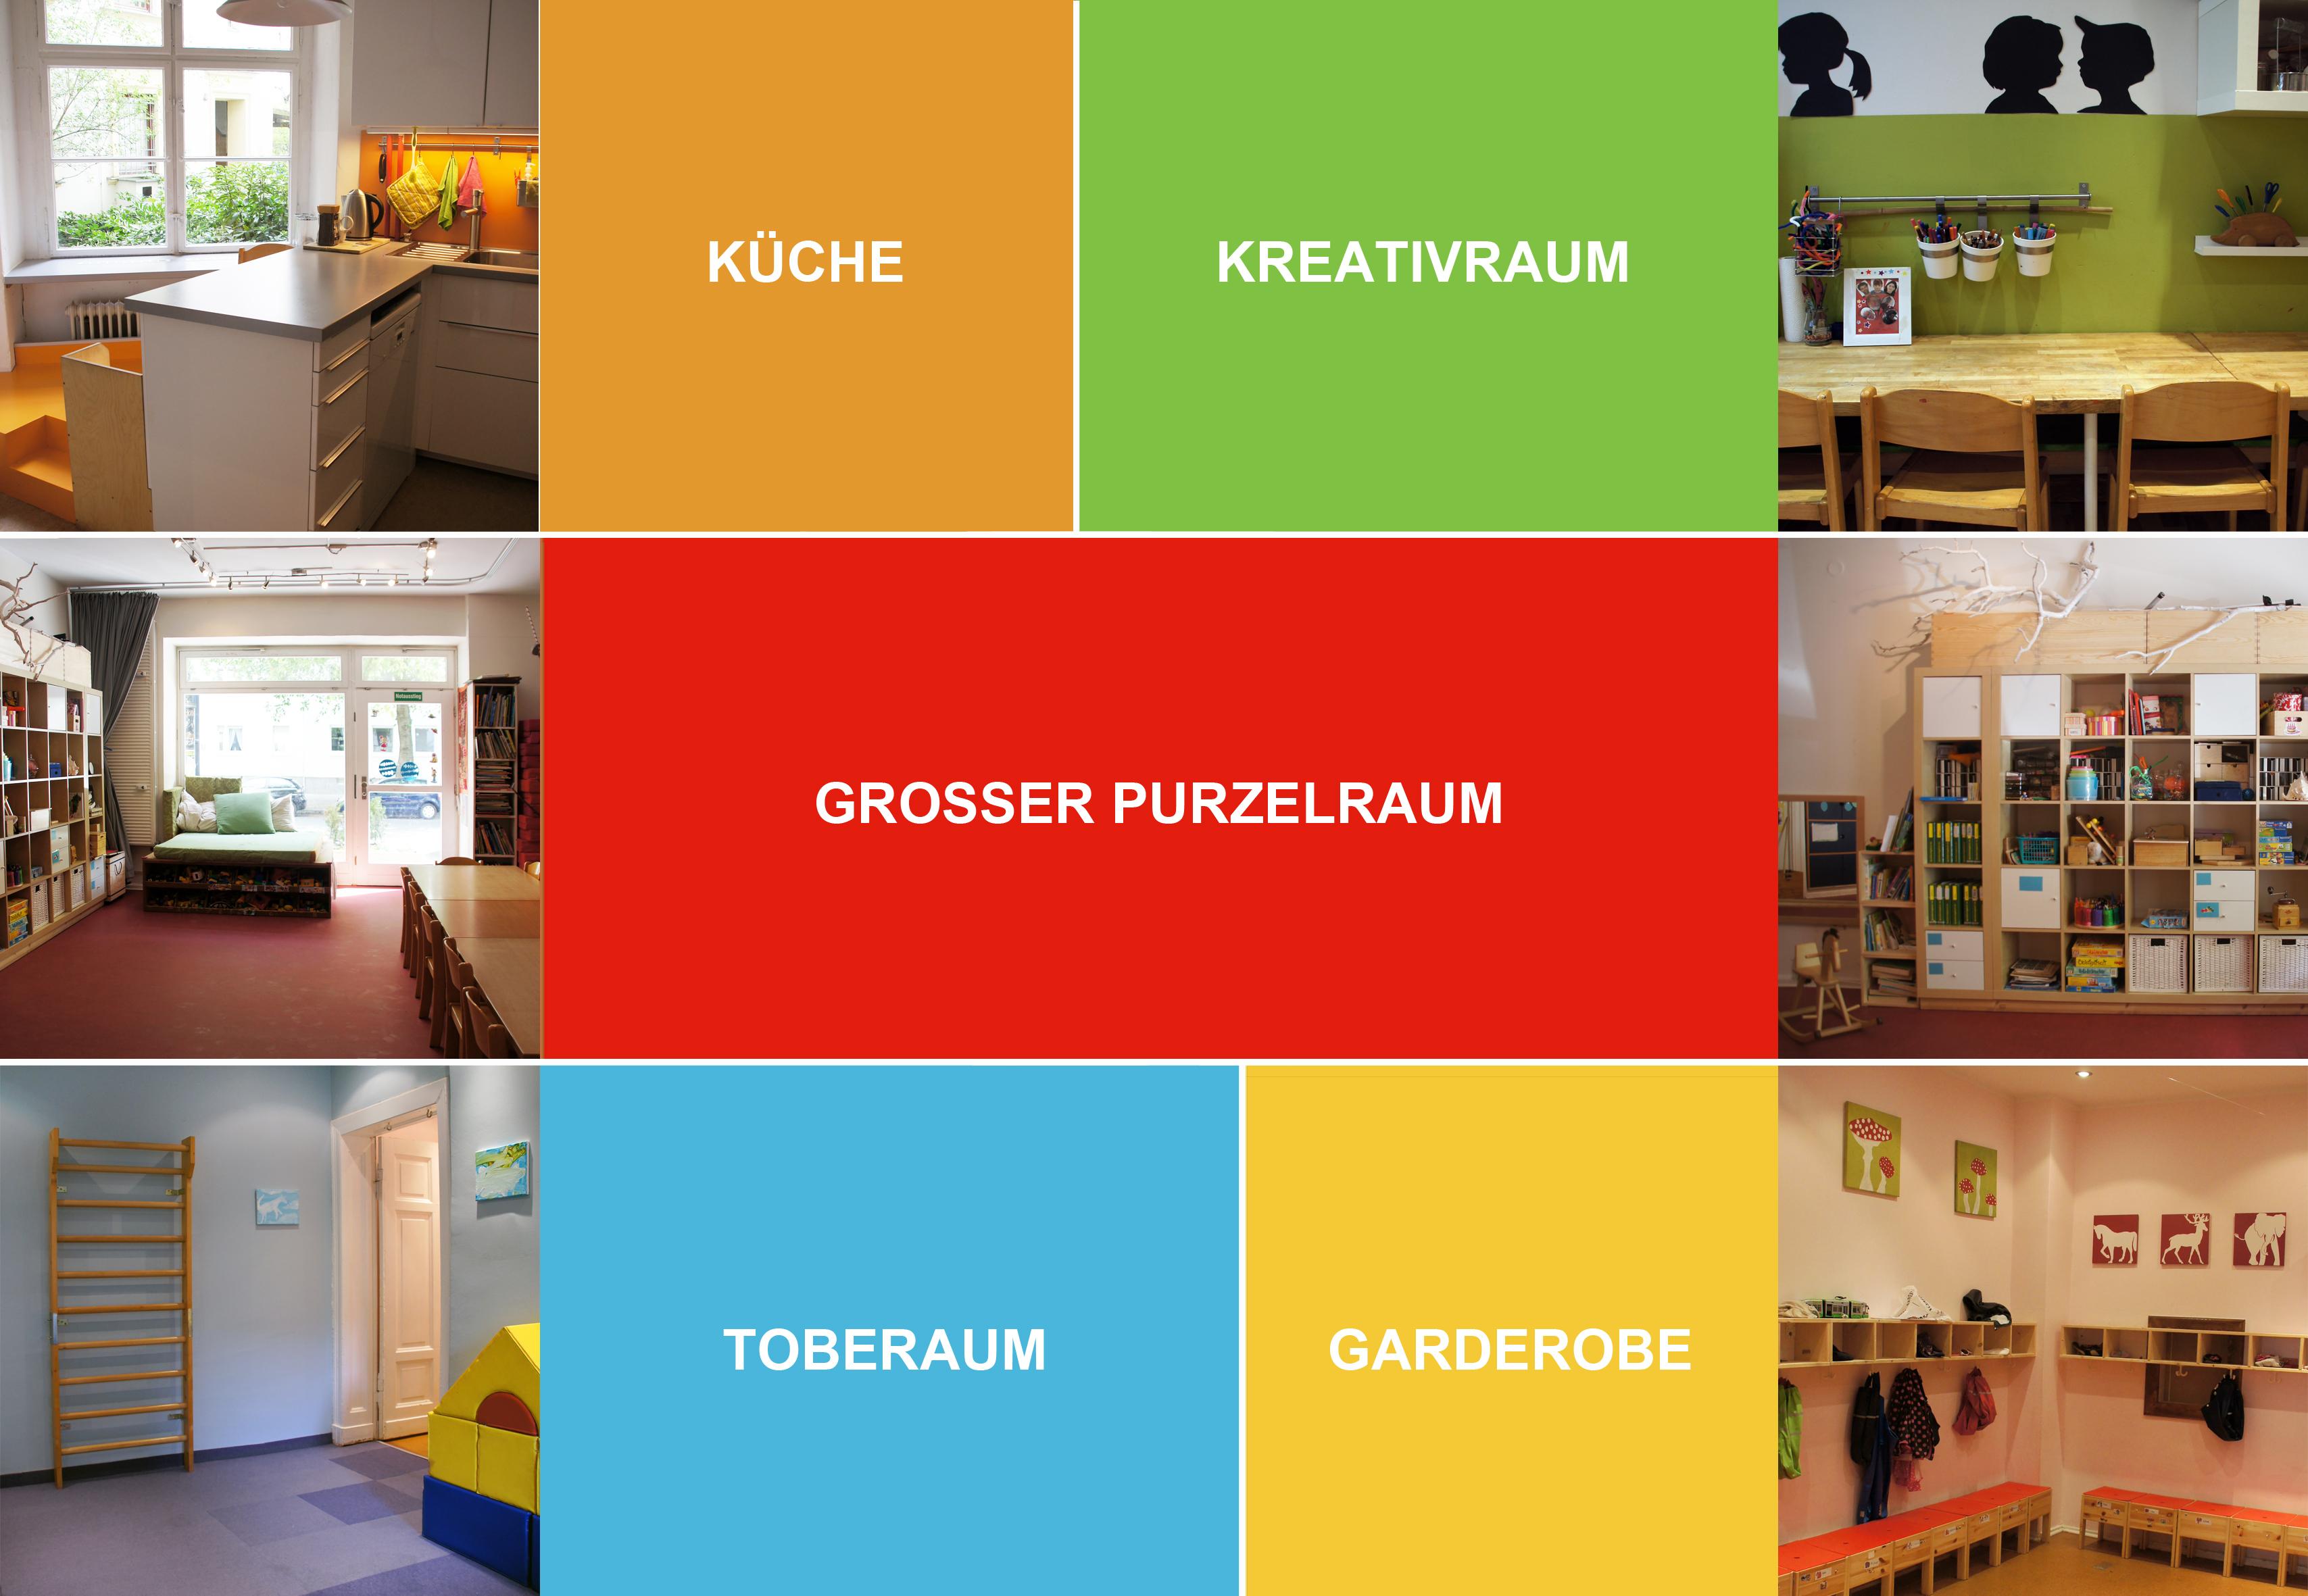 03_Kila-homepage-Räume_02